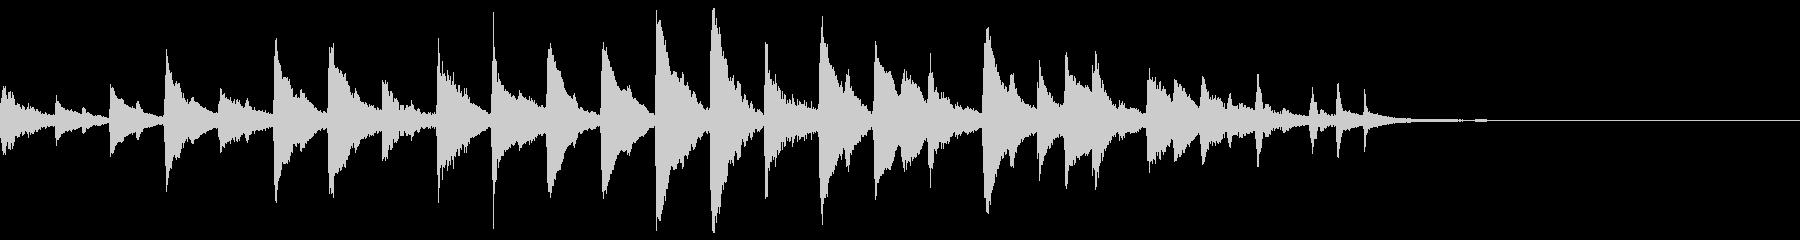 マリンバ類による~ラ・カンパネラ~の未再生の波形